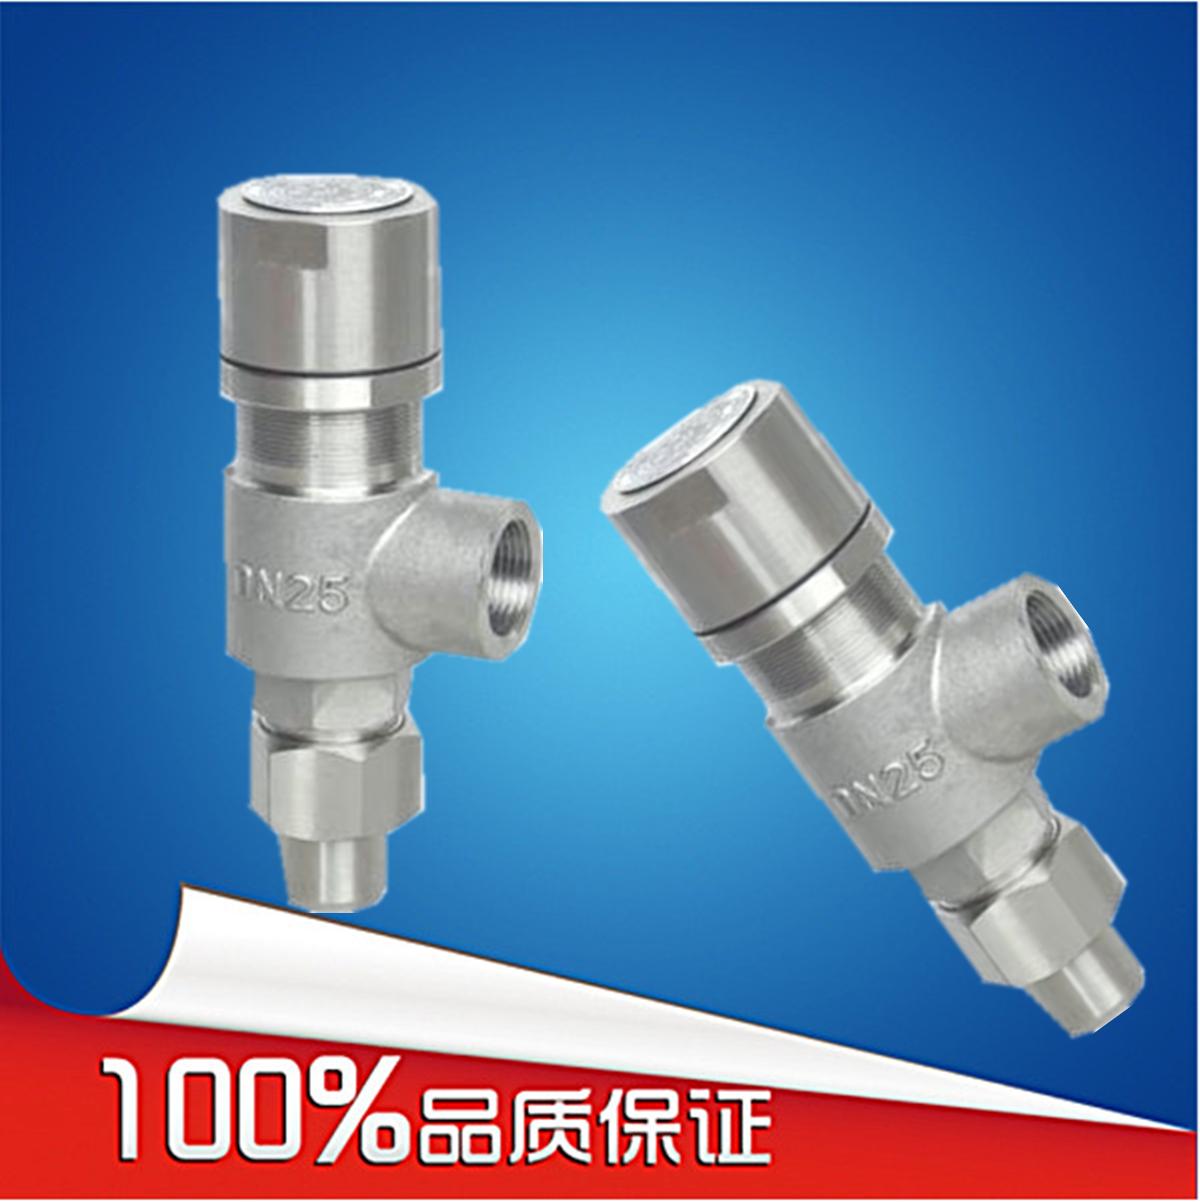 A21WFY-16P/25P304 rostfritt stål. - öppna ventilen A21H-16C/40CDN15